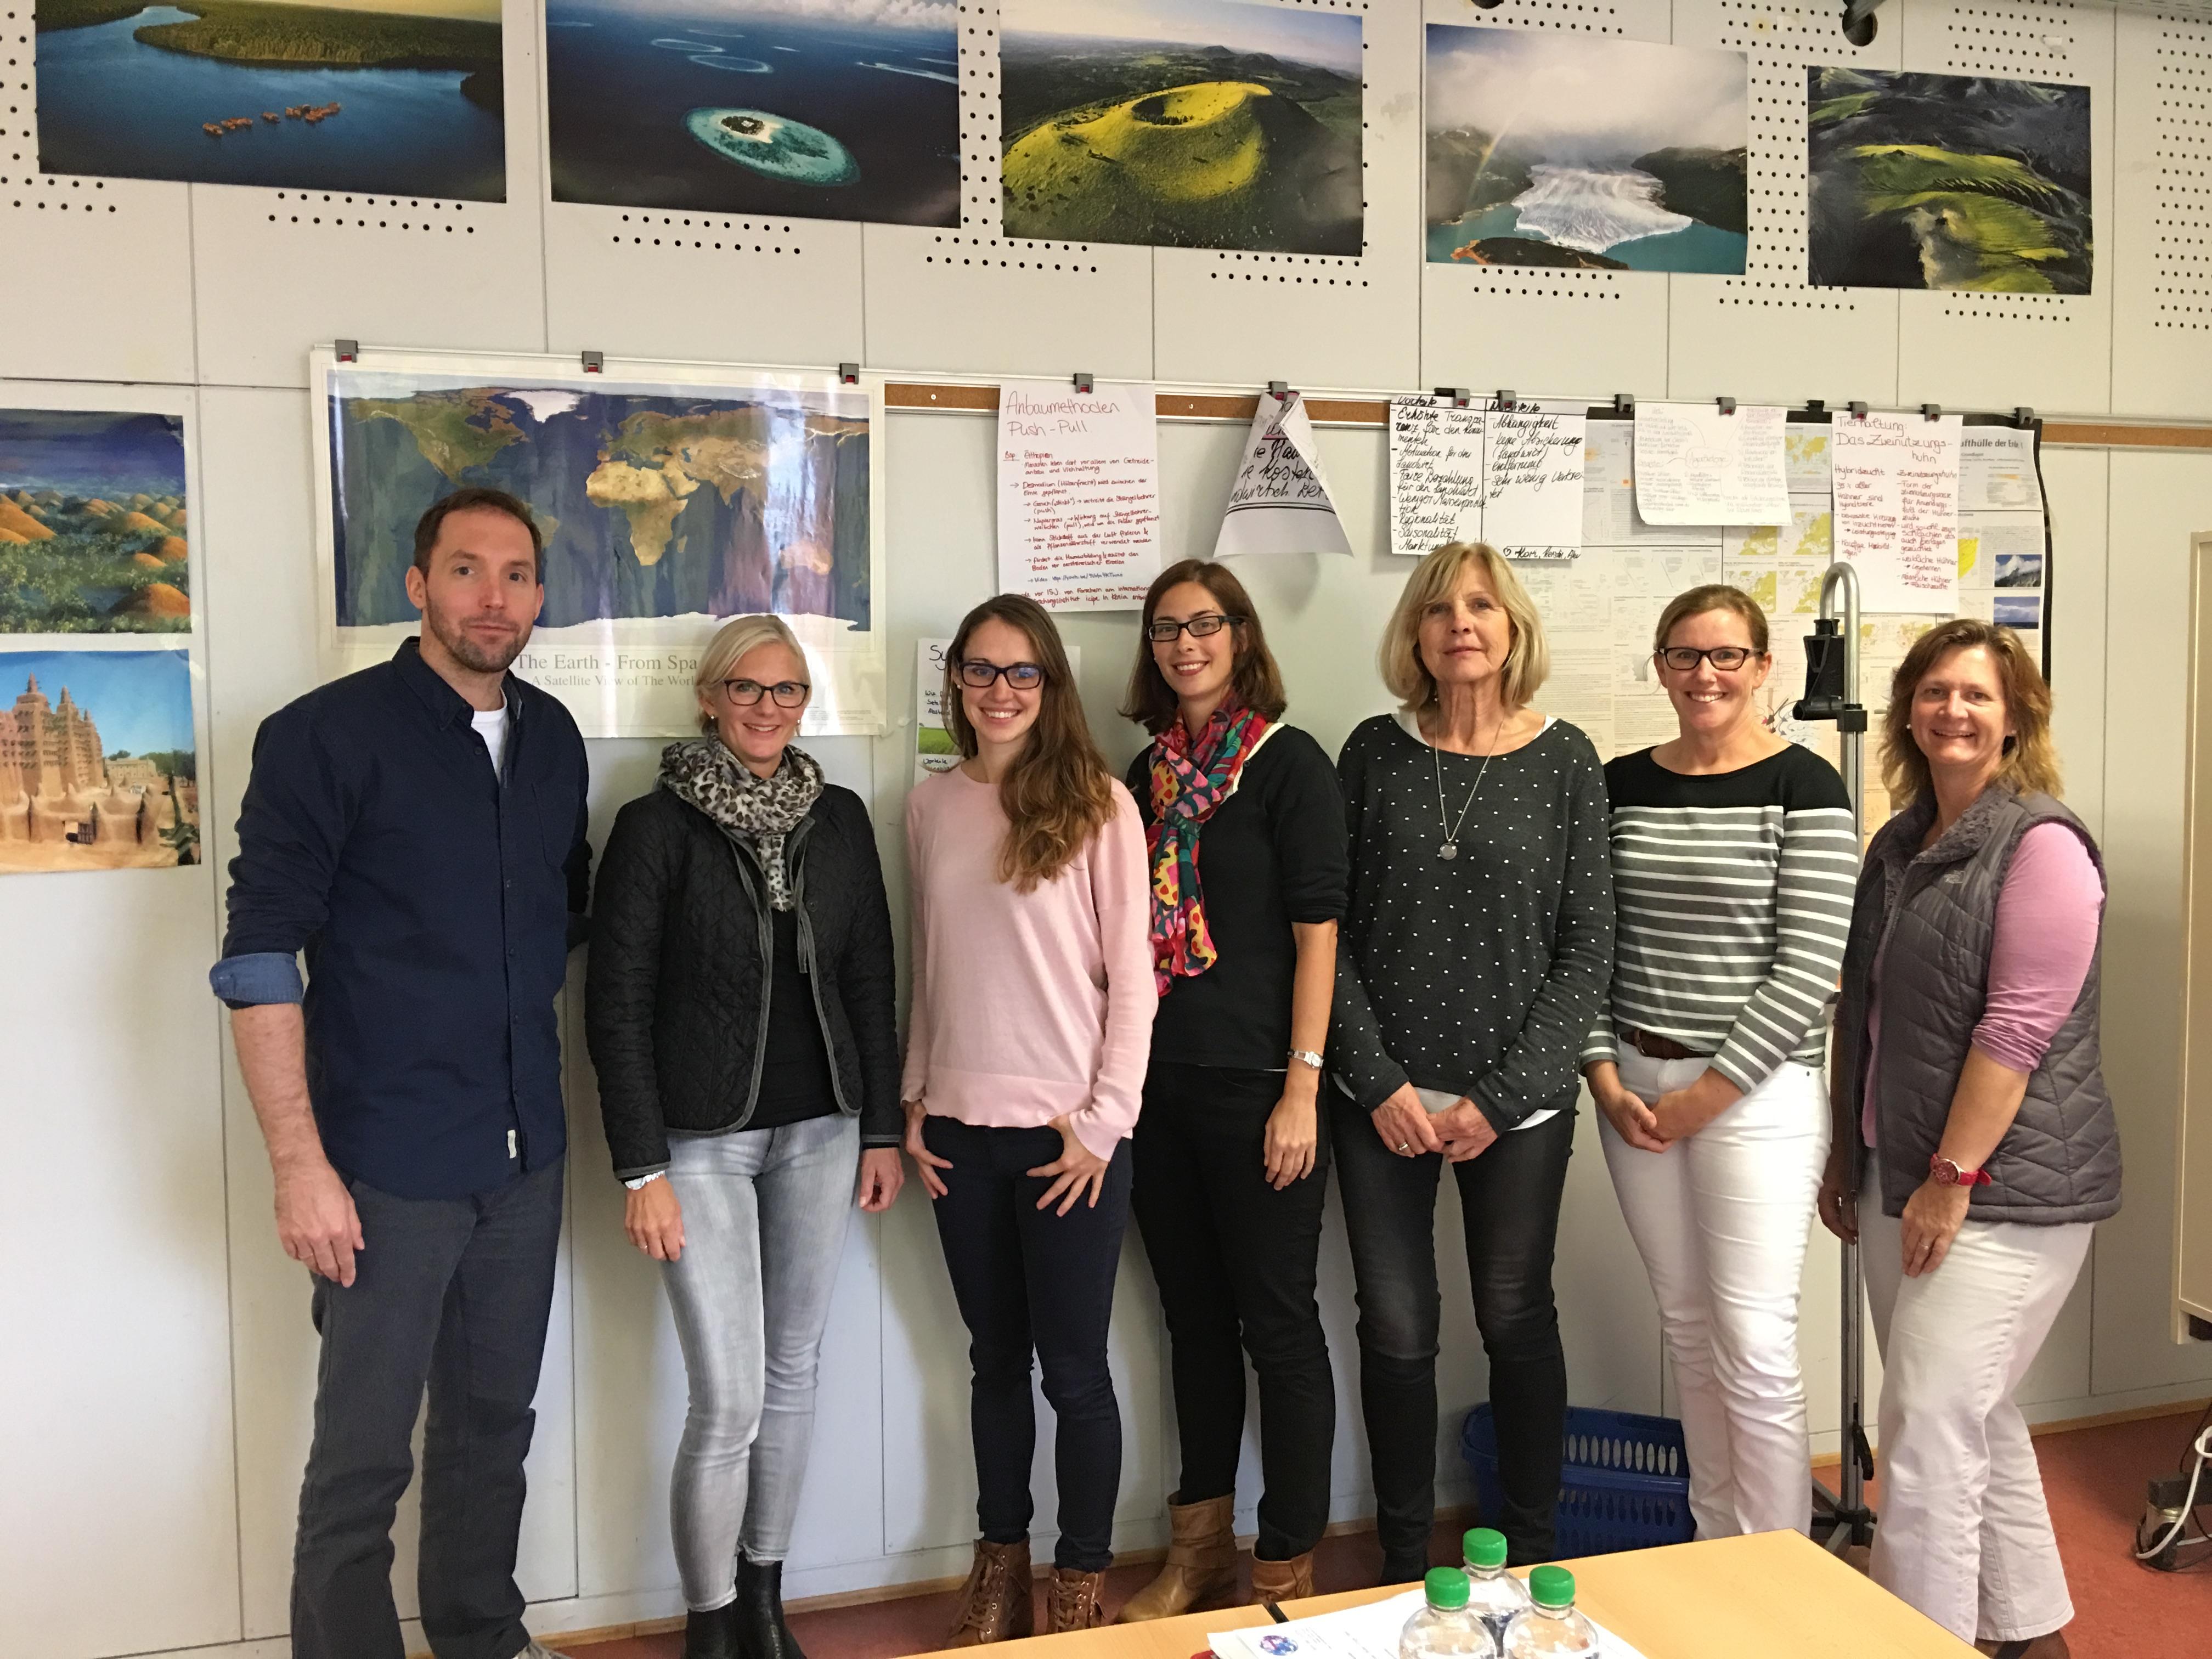 Frau Kliesch, Frau Müller, Frau Rosche, Frau Moneke, Herr Felten, Herr Frede, Frau Lauth, Frau Rose und Frau Bulian (von links)